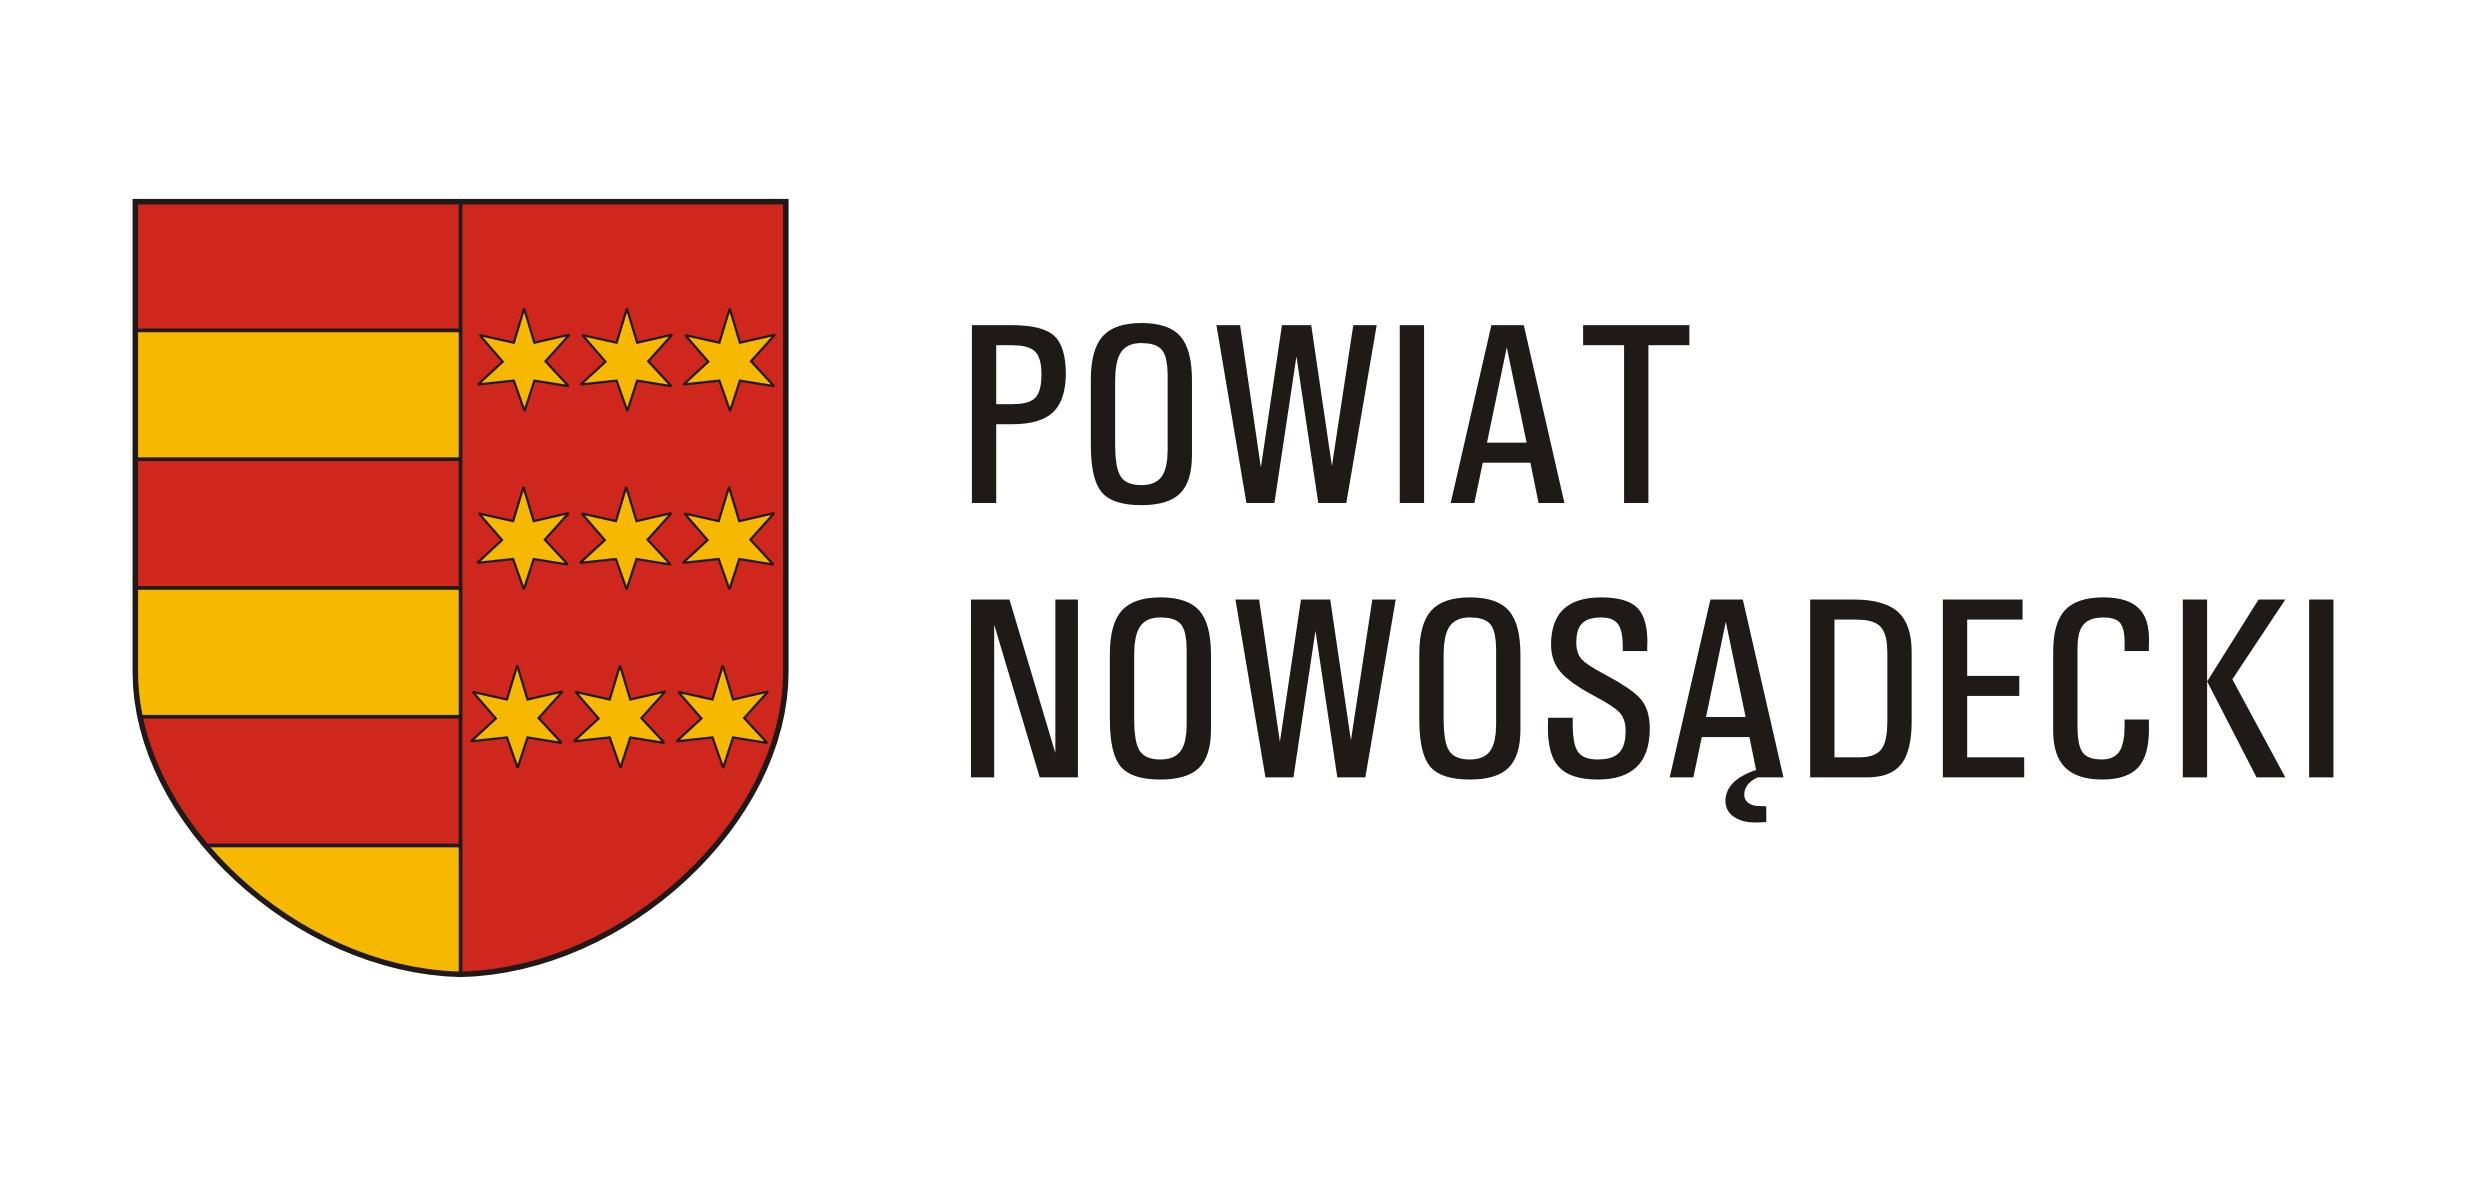 Znalezione obrazy dla zapytania powiat nowosądecki logo